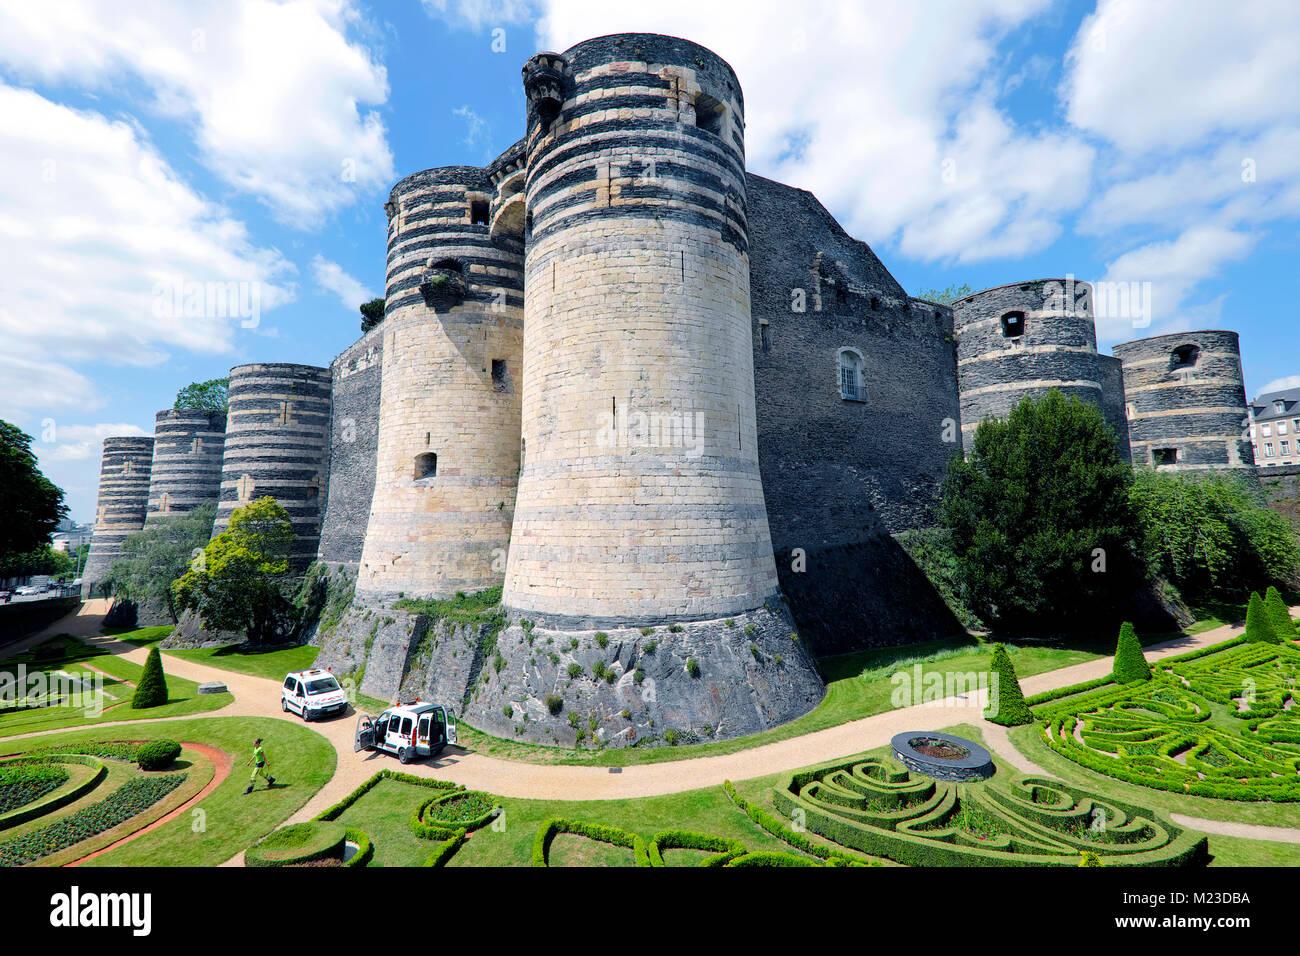 Giardiniere, Château d'Angers Castle, Angers, Pays de la Loire, Francia Immagini Stock